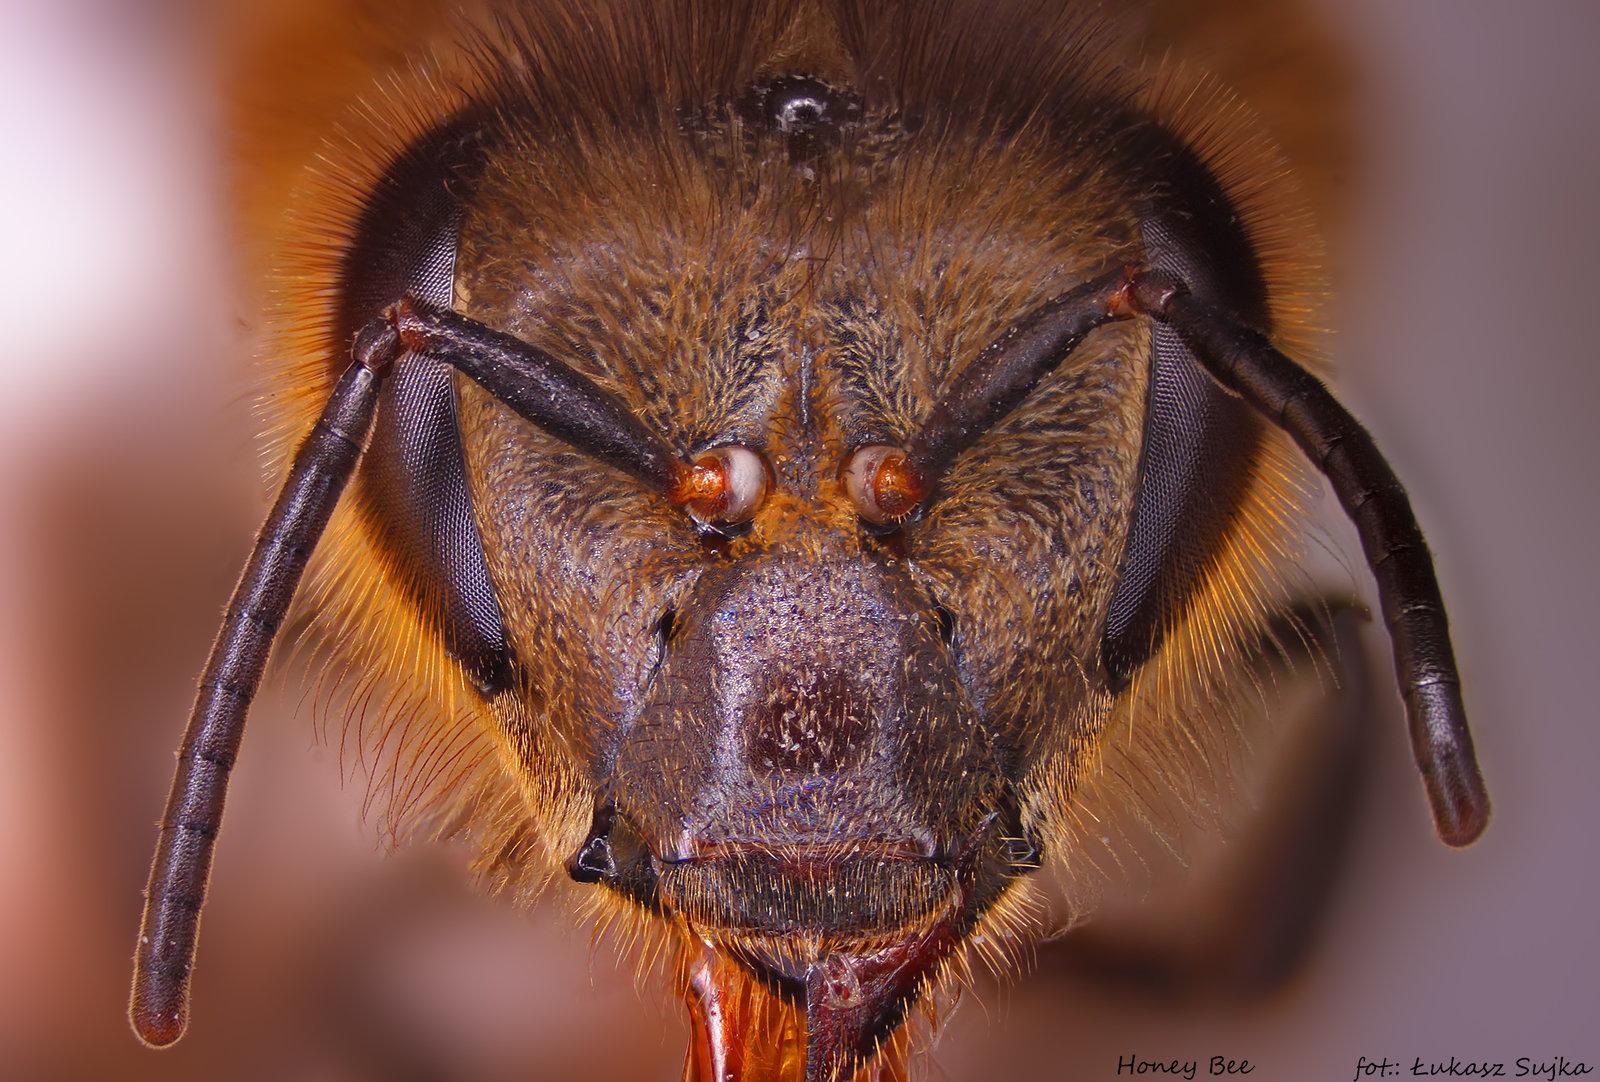 5aa6d70b718c0_honeybee.thumb.jpg.9caafd07ec1575b0d08f86e82fa6d113.jpg